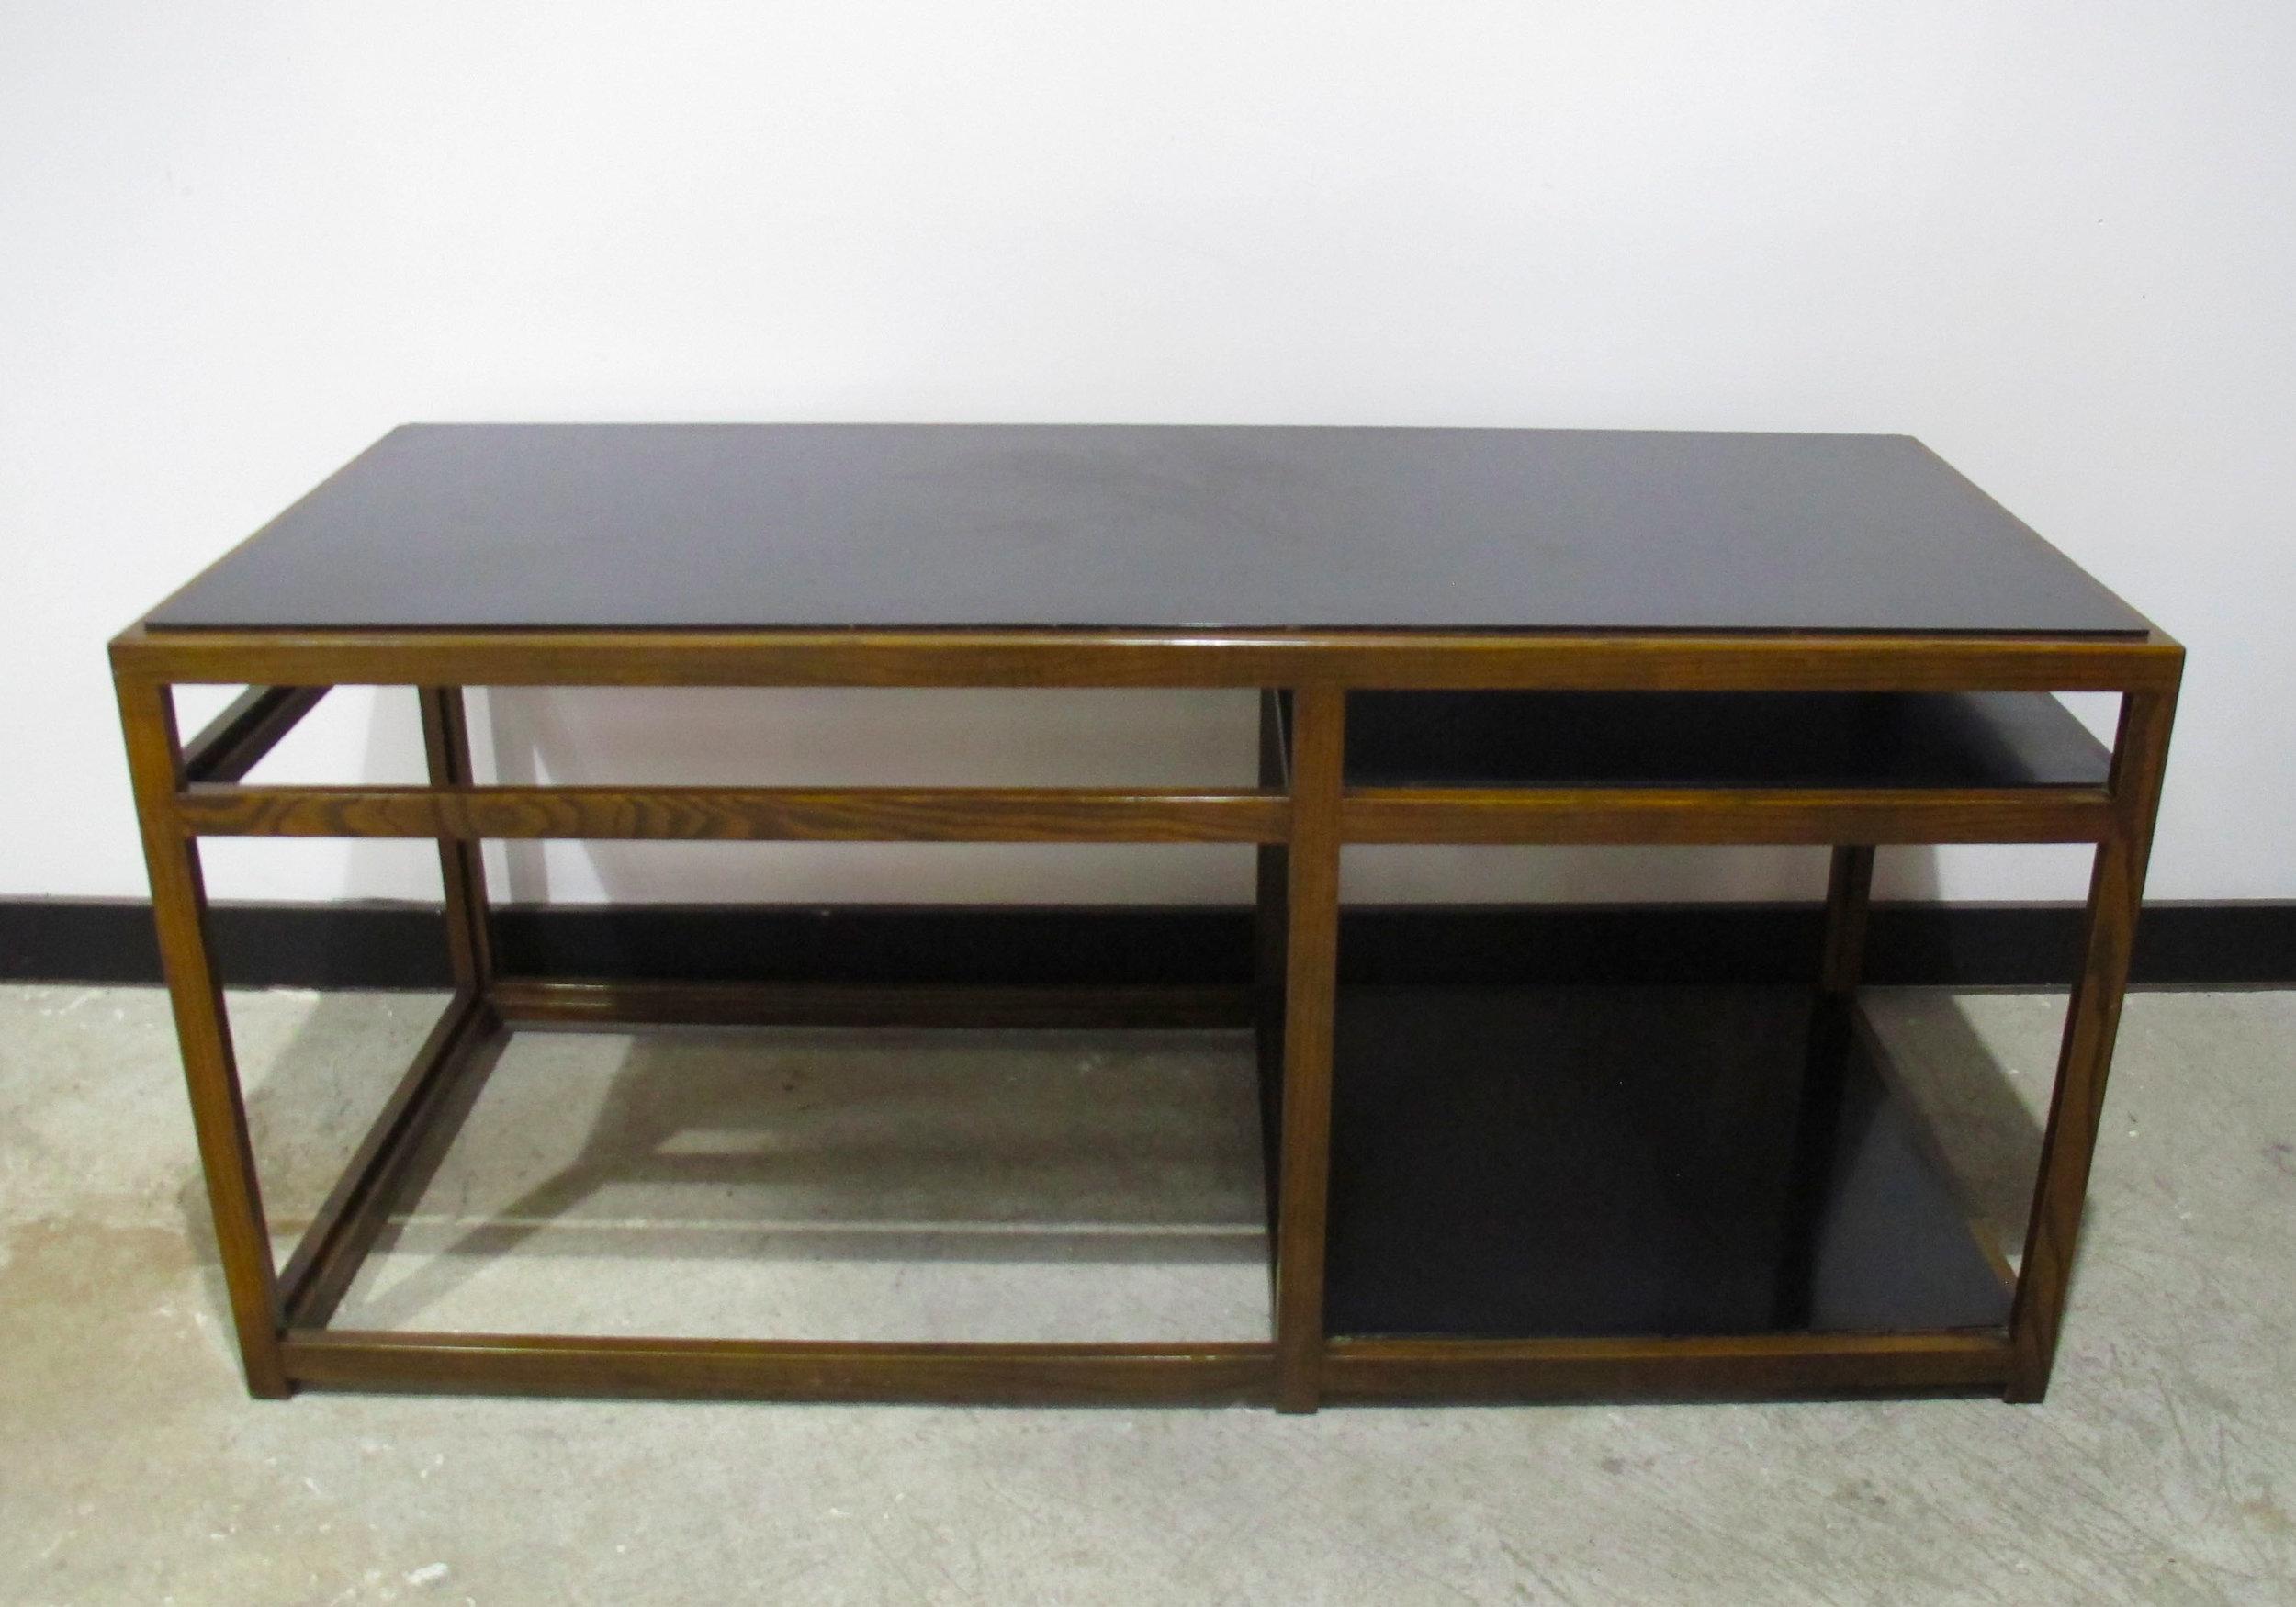 EDWARD WORMLEY THREE-TIER CONSOLE TABLE BY DUNBAR